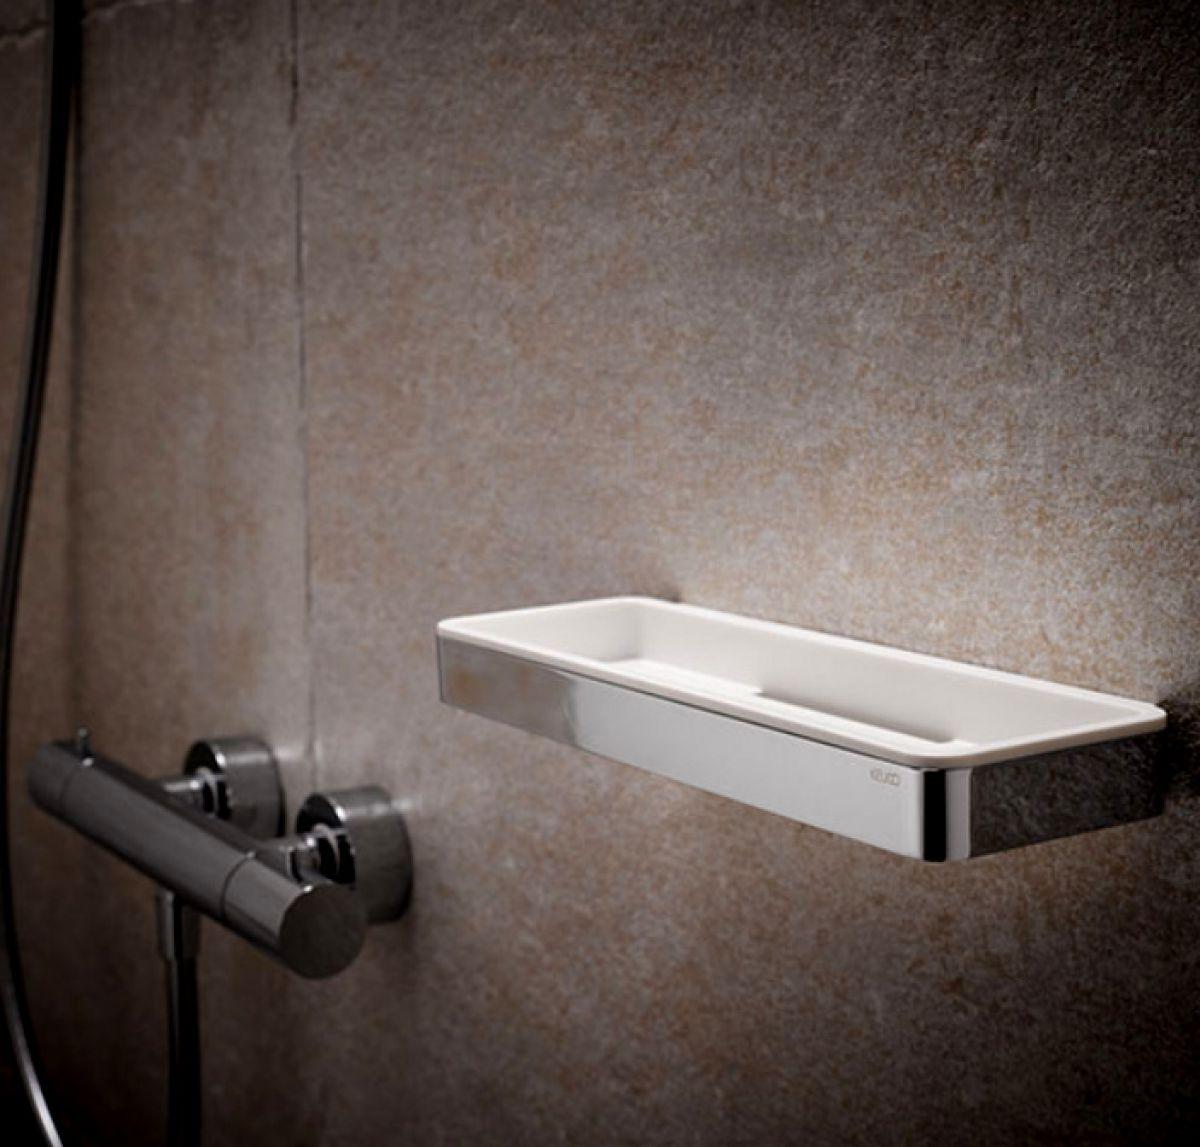 keuco plan shower basket with glass wiper uk bathrooms. Black Bedroom Furniture Sets. Home Design Ideas